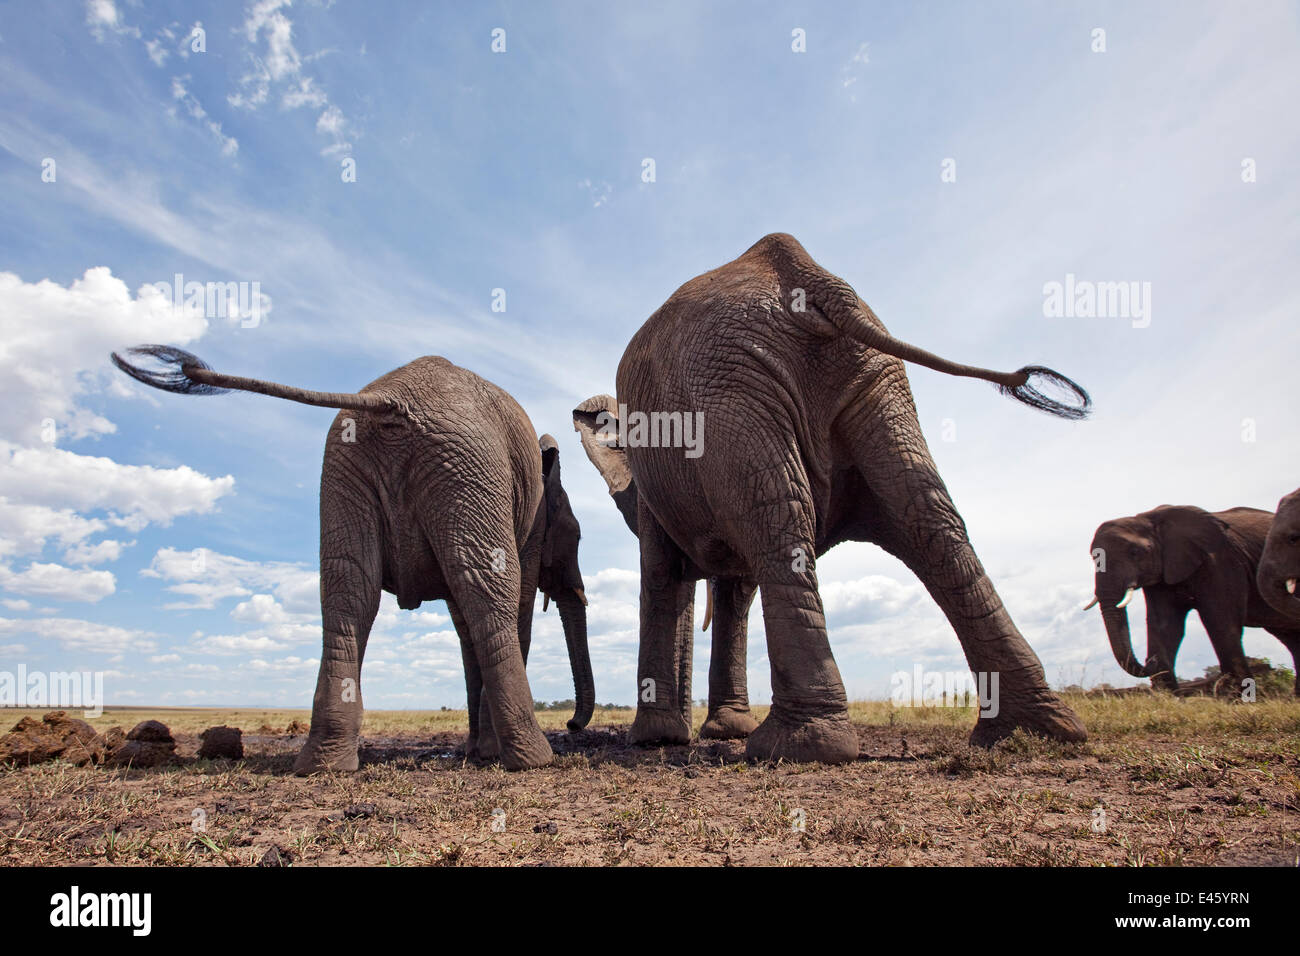 L'elefante africano (Loxodonta africana) Vista posteriore, bere in corrispondenza di un foro per l'acqua, Immagini Stock